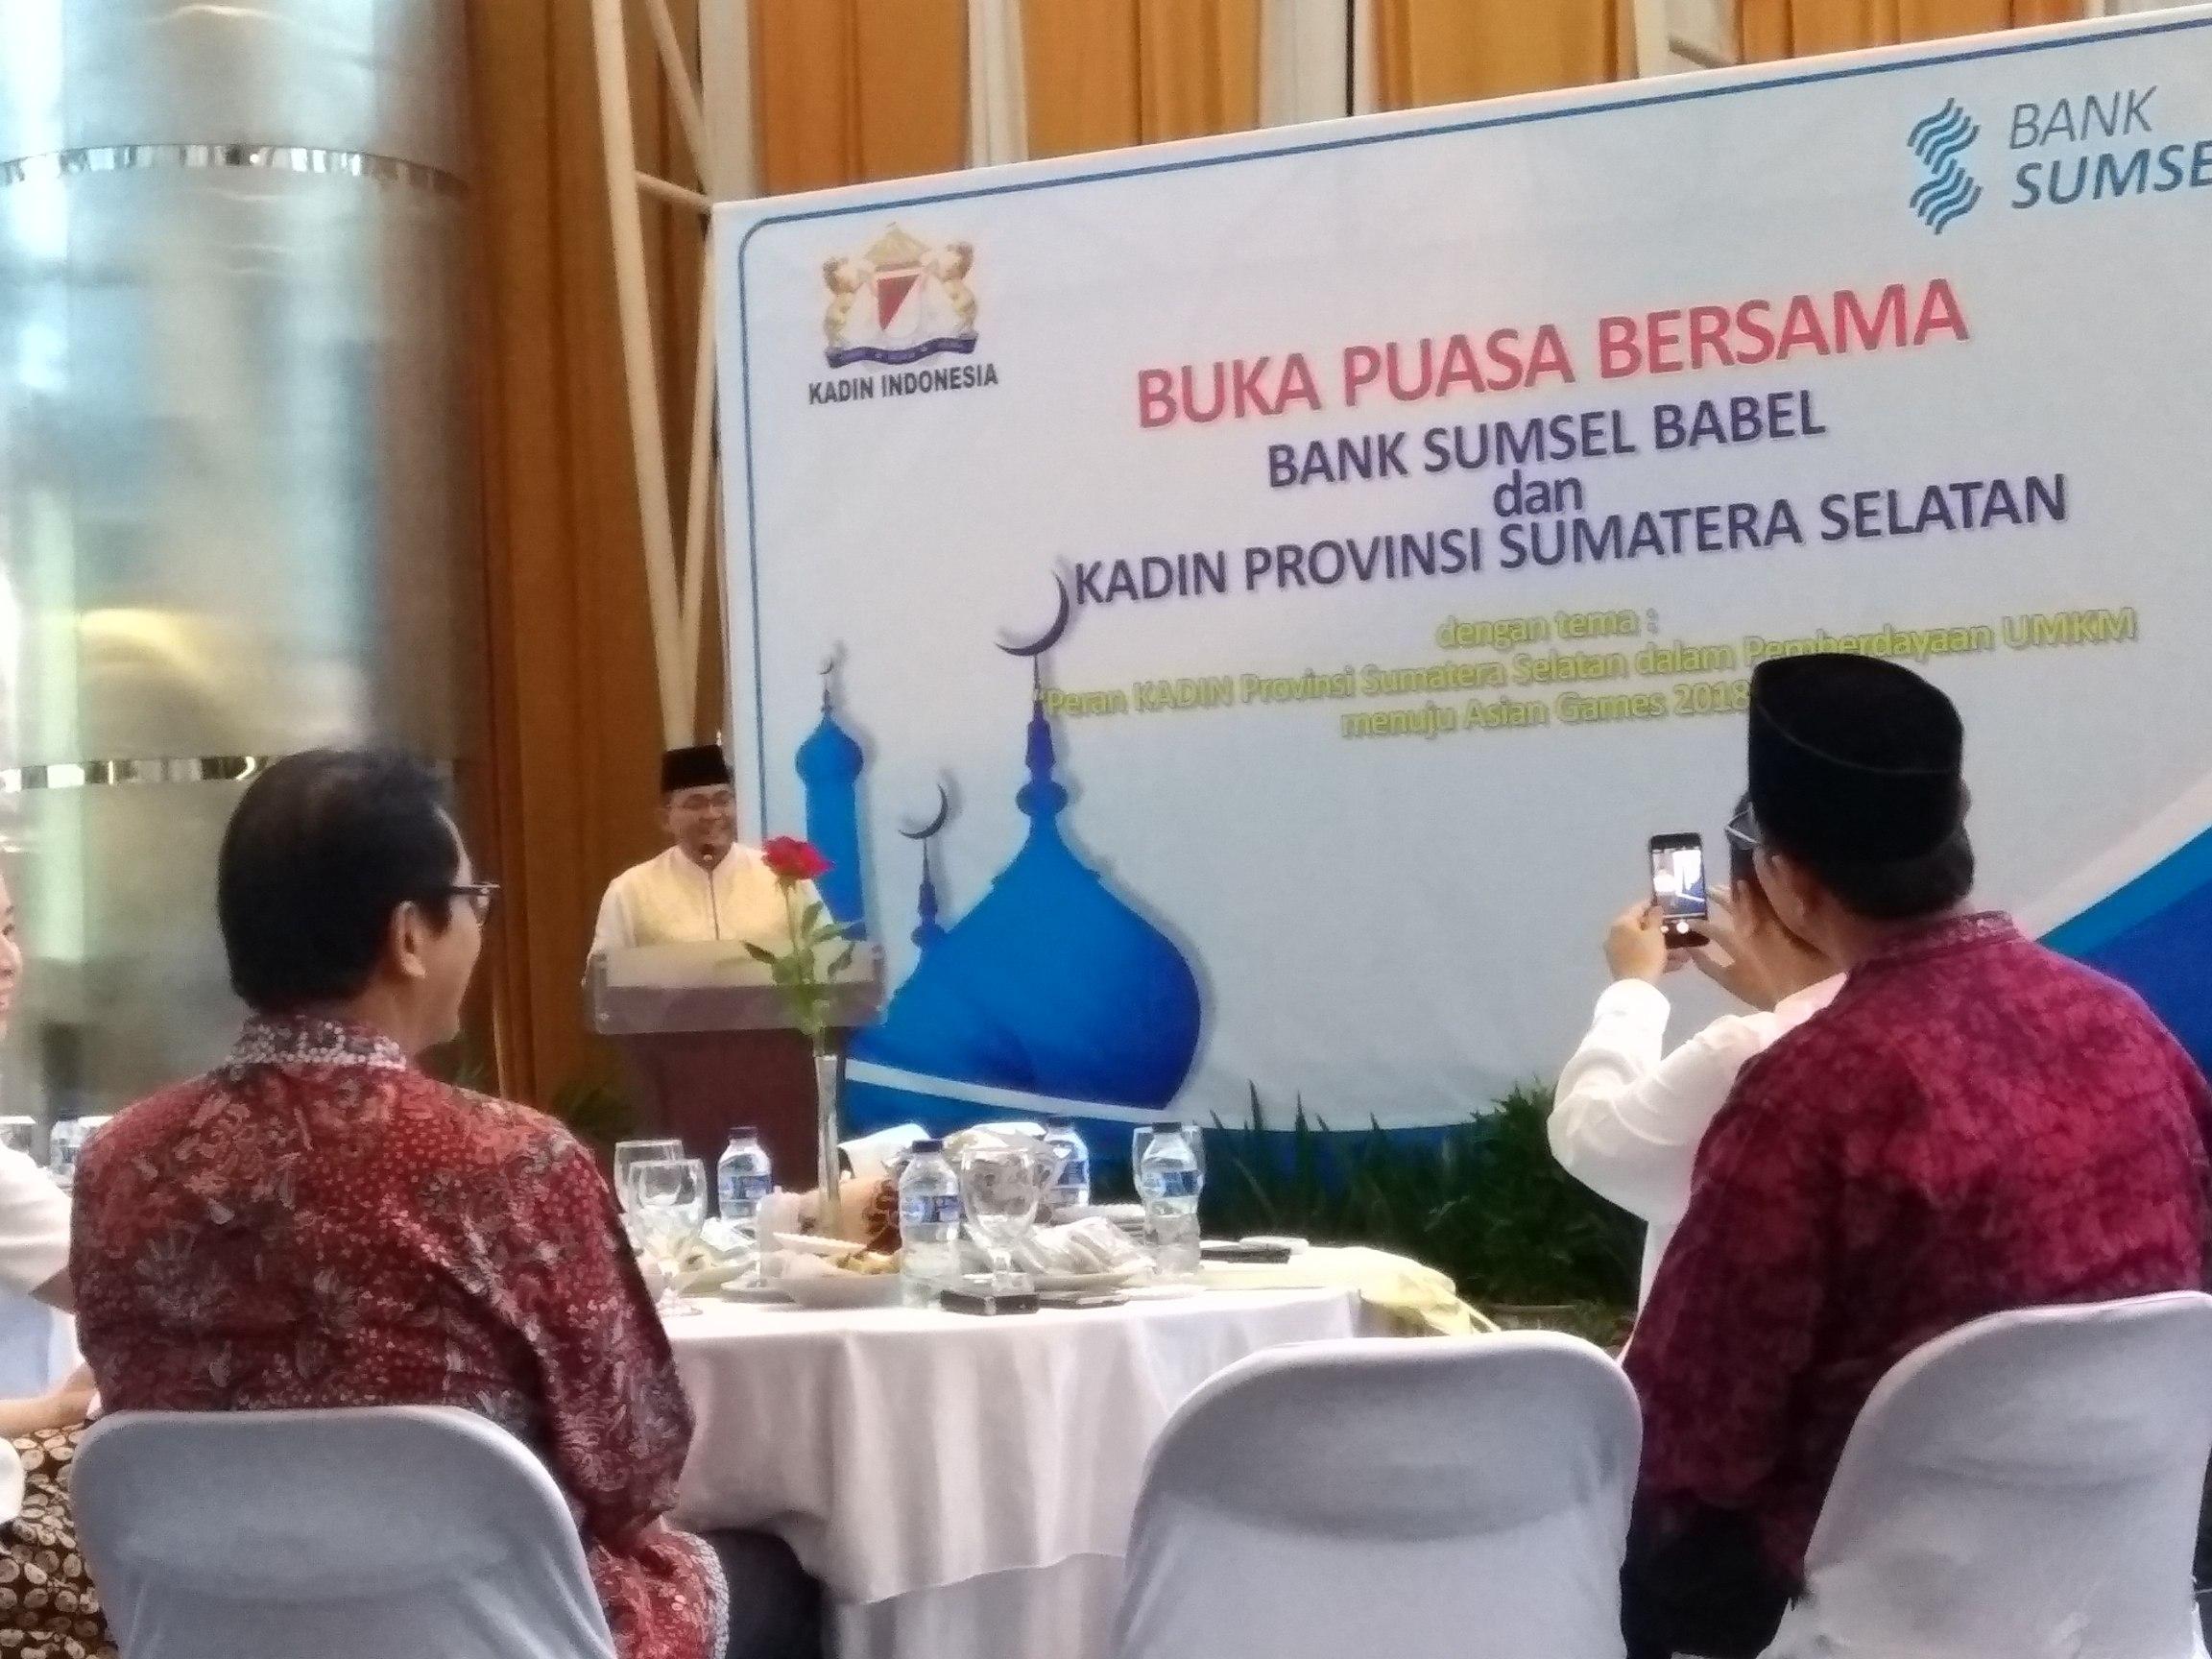 Buka Puasa Bersama Bank Sumsel Babel dan Kadin Provinsi Sumatera Selatan